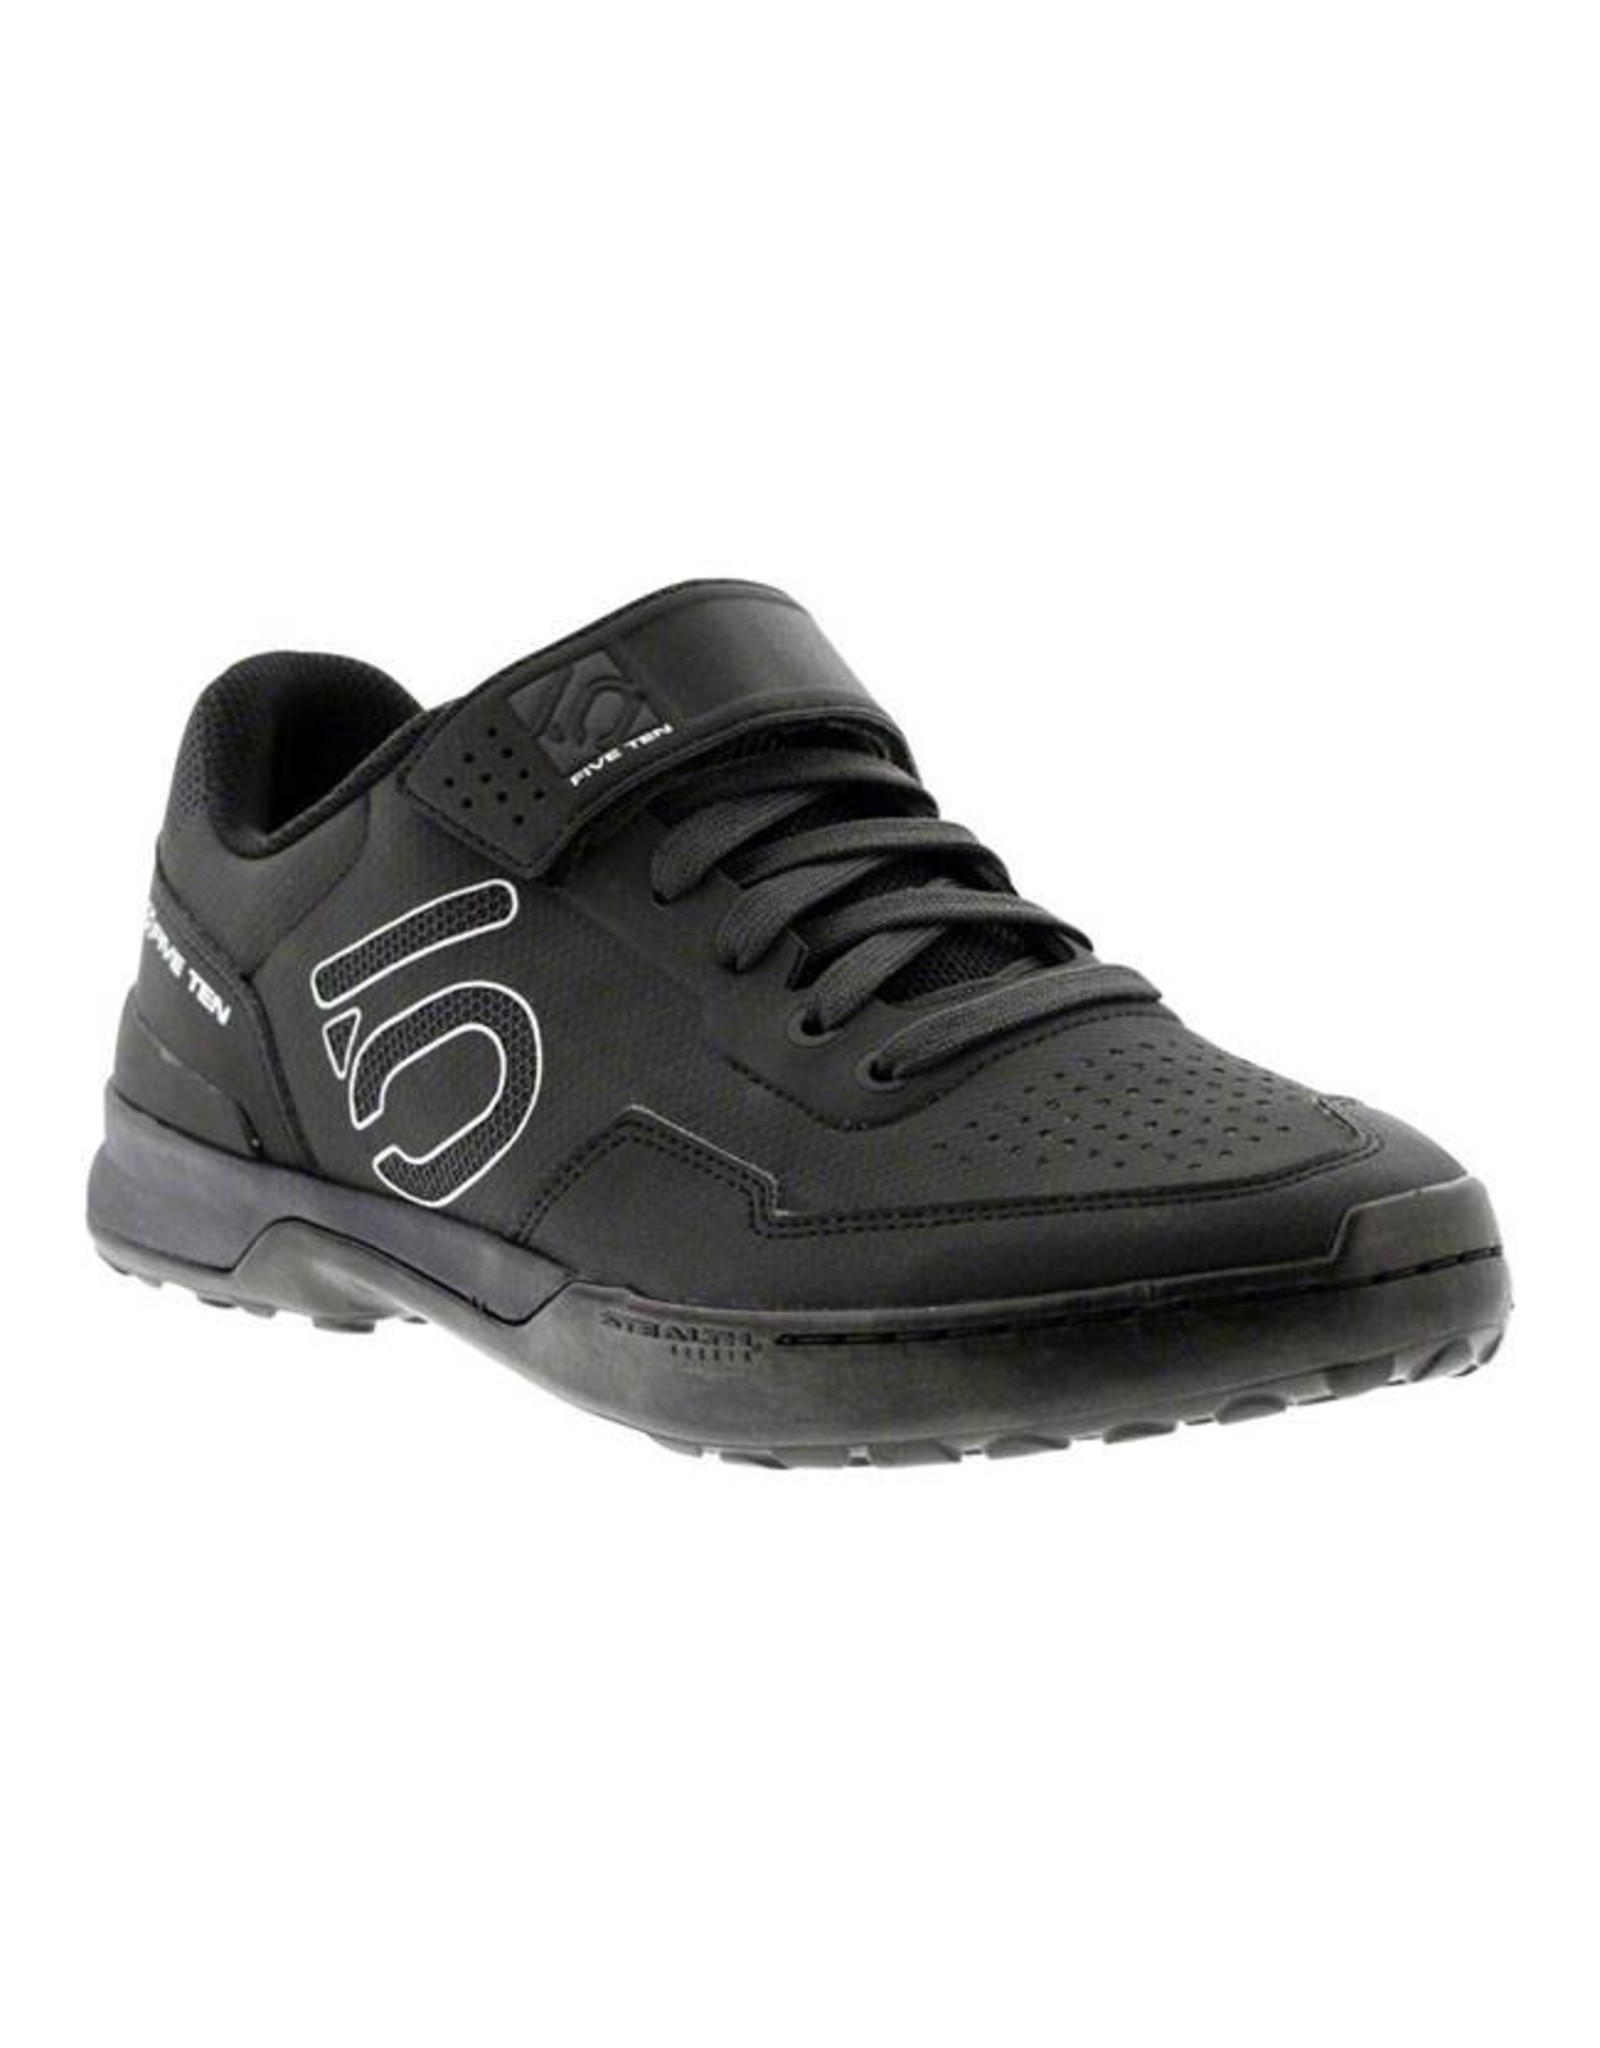 Five Ten Five Ten Kestrel Lace Men's Clipless Shoe: Black Carbon 11